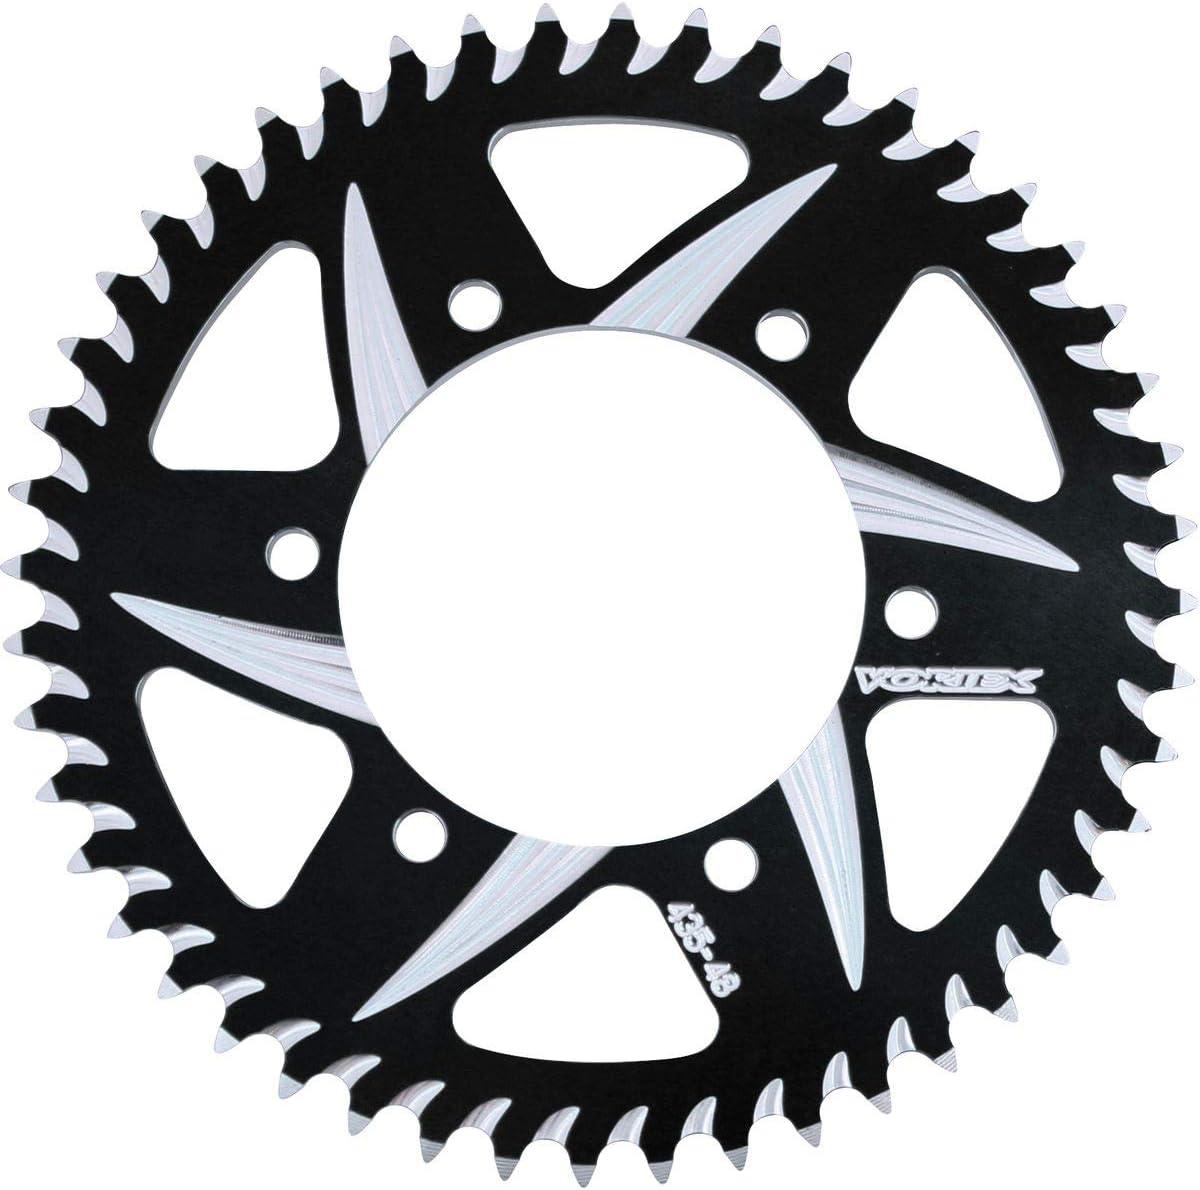 Vortex 630-49 Silver 49-Tooth Rear Sprocket